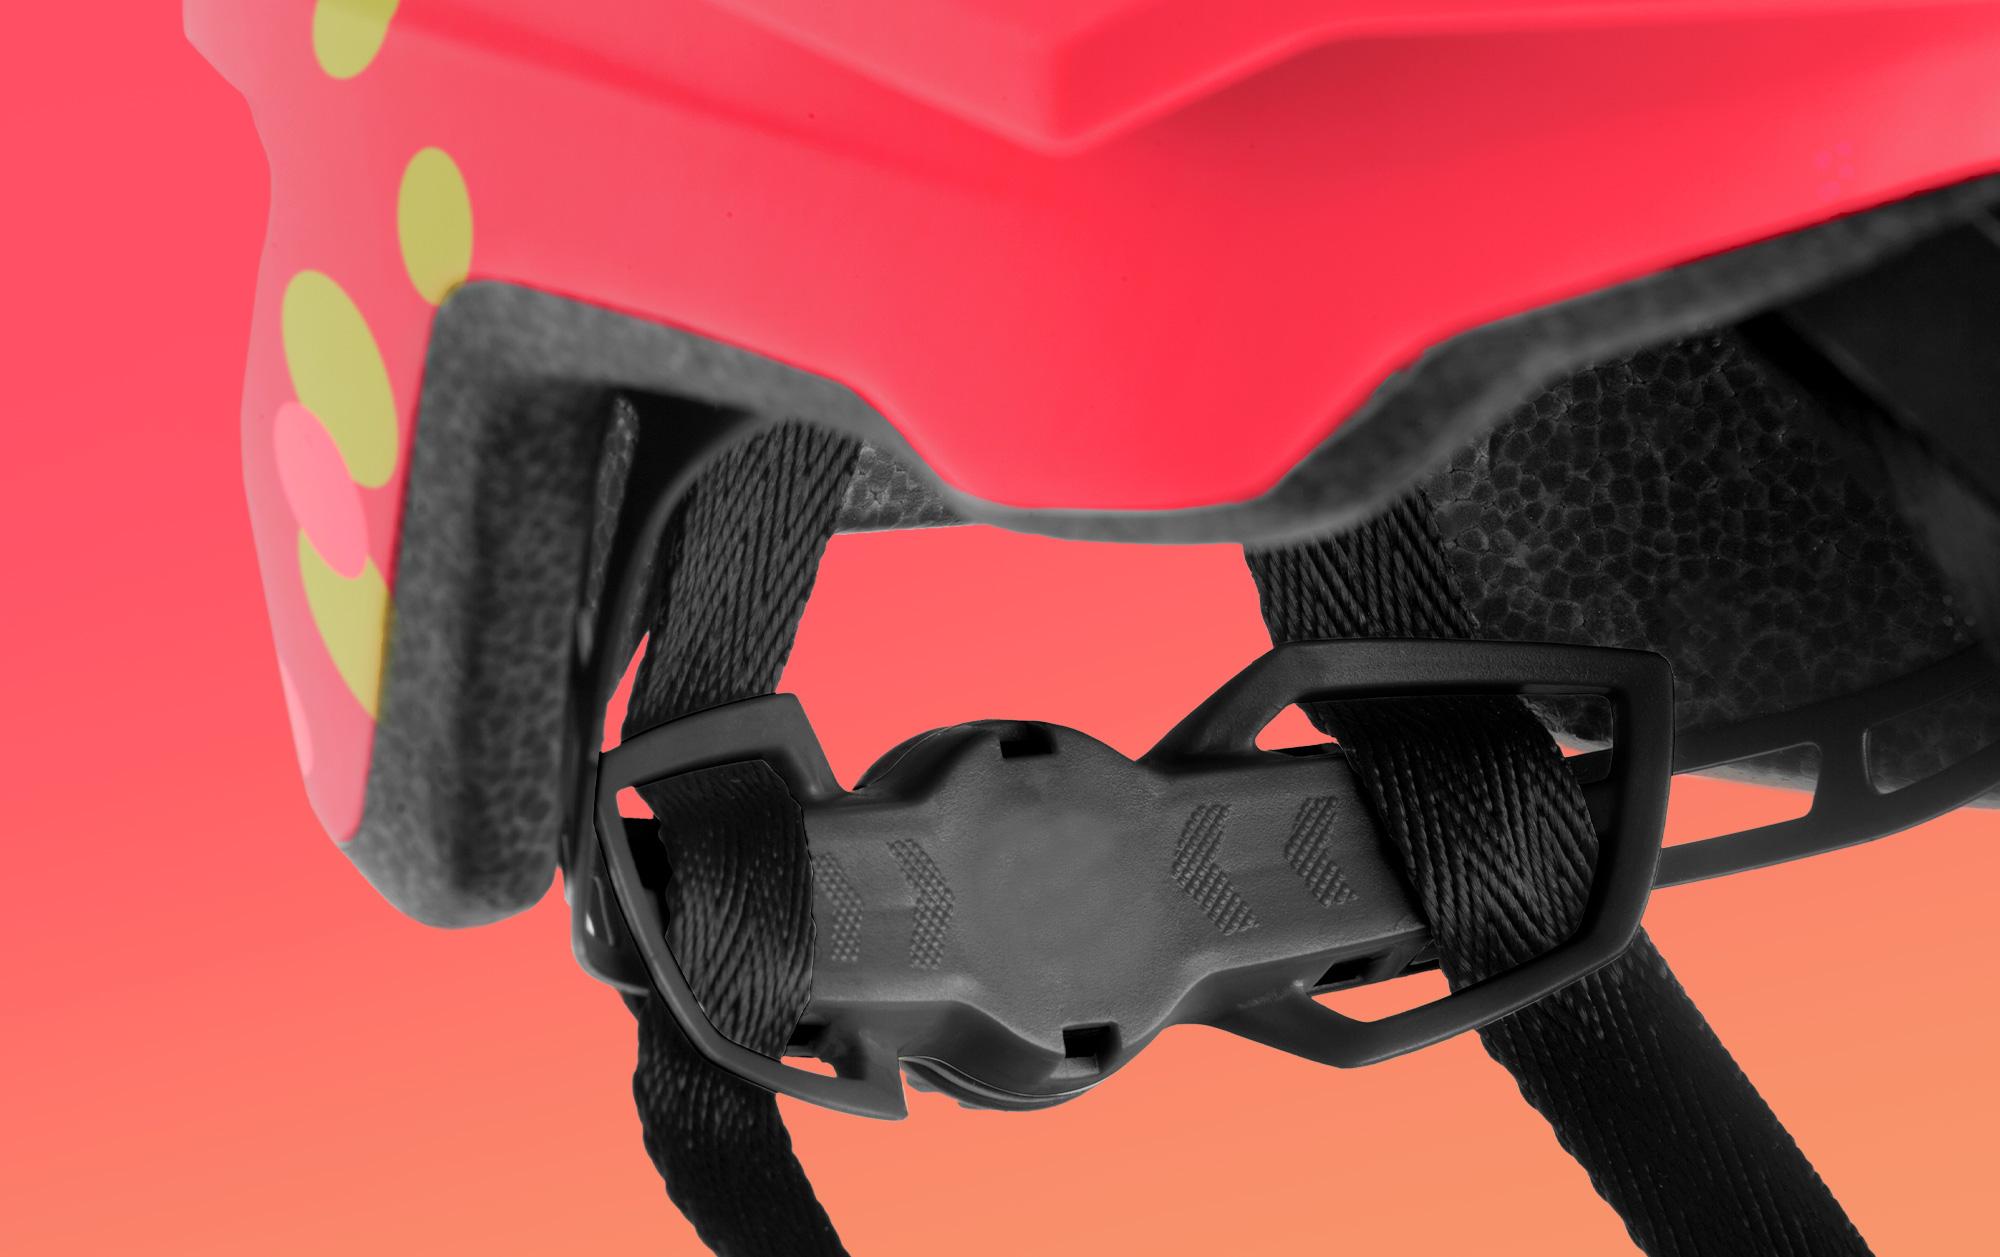 MET Eldar Mips Kids Helmet Retention System